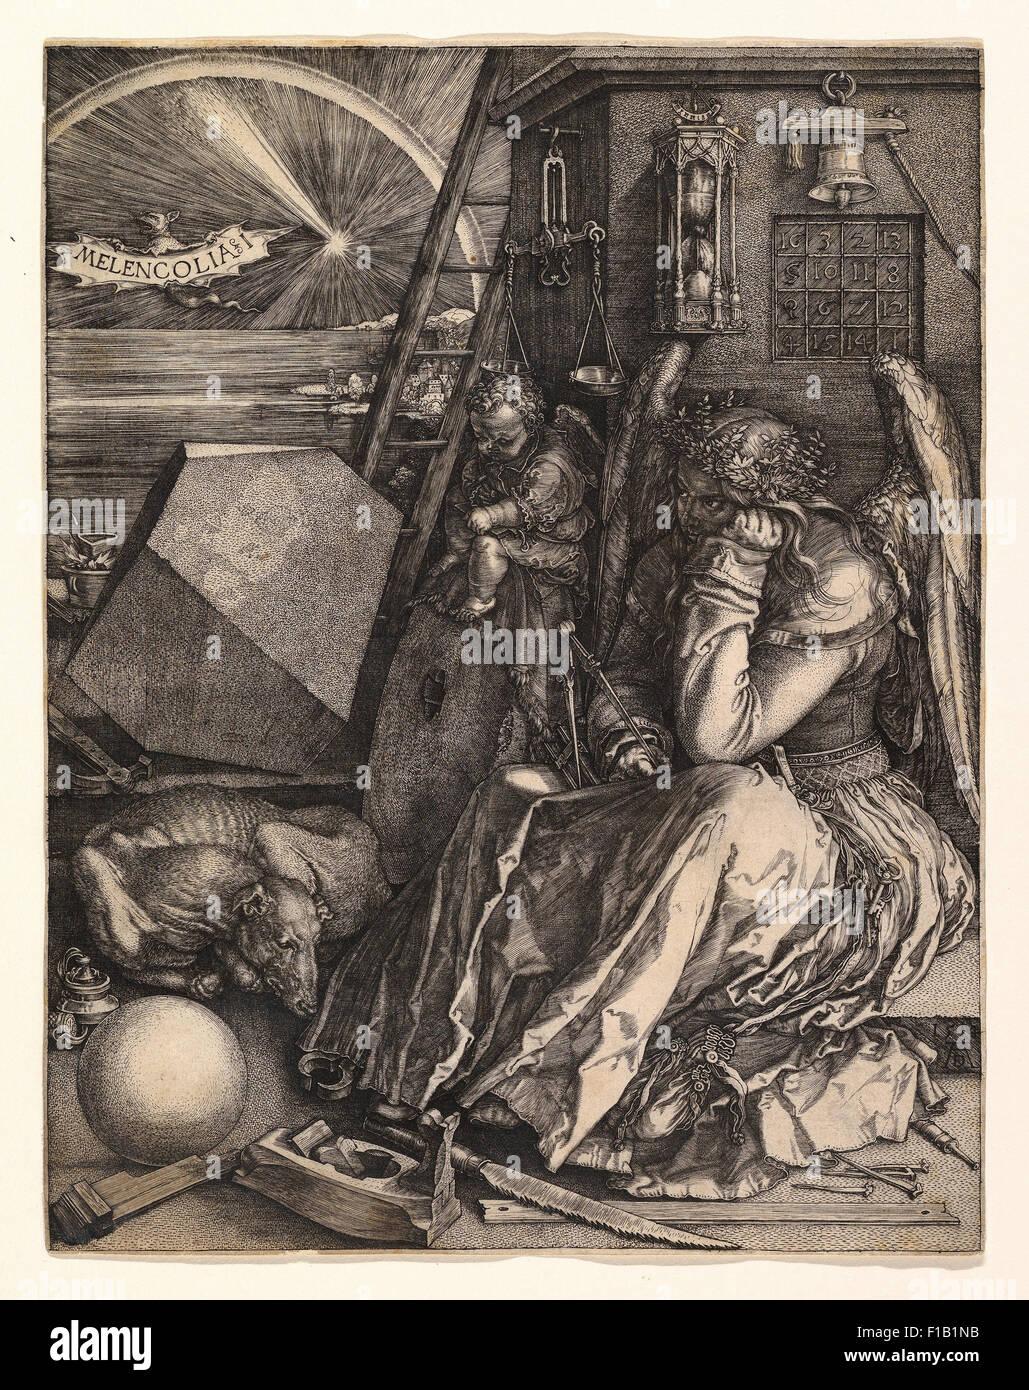 Albrecht Dürer - Melencolia I Photo Stock